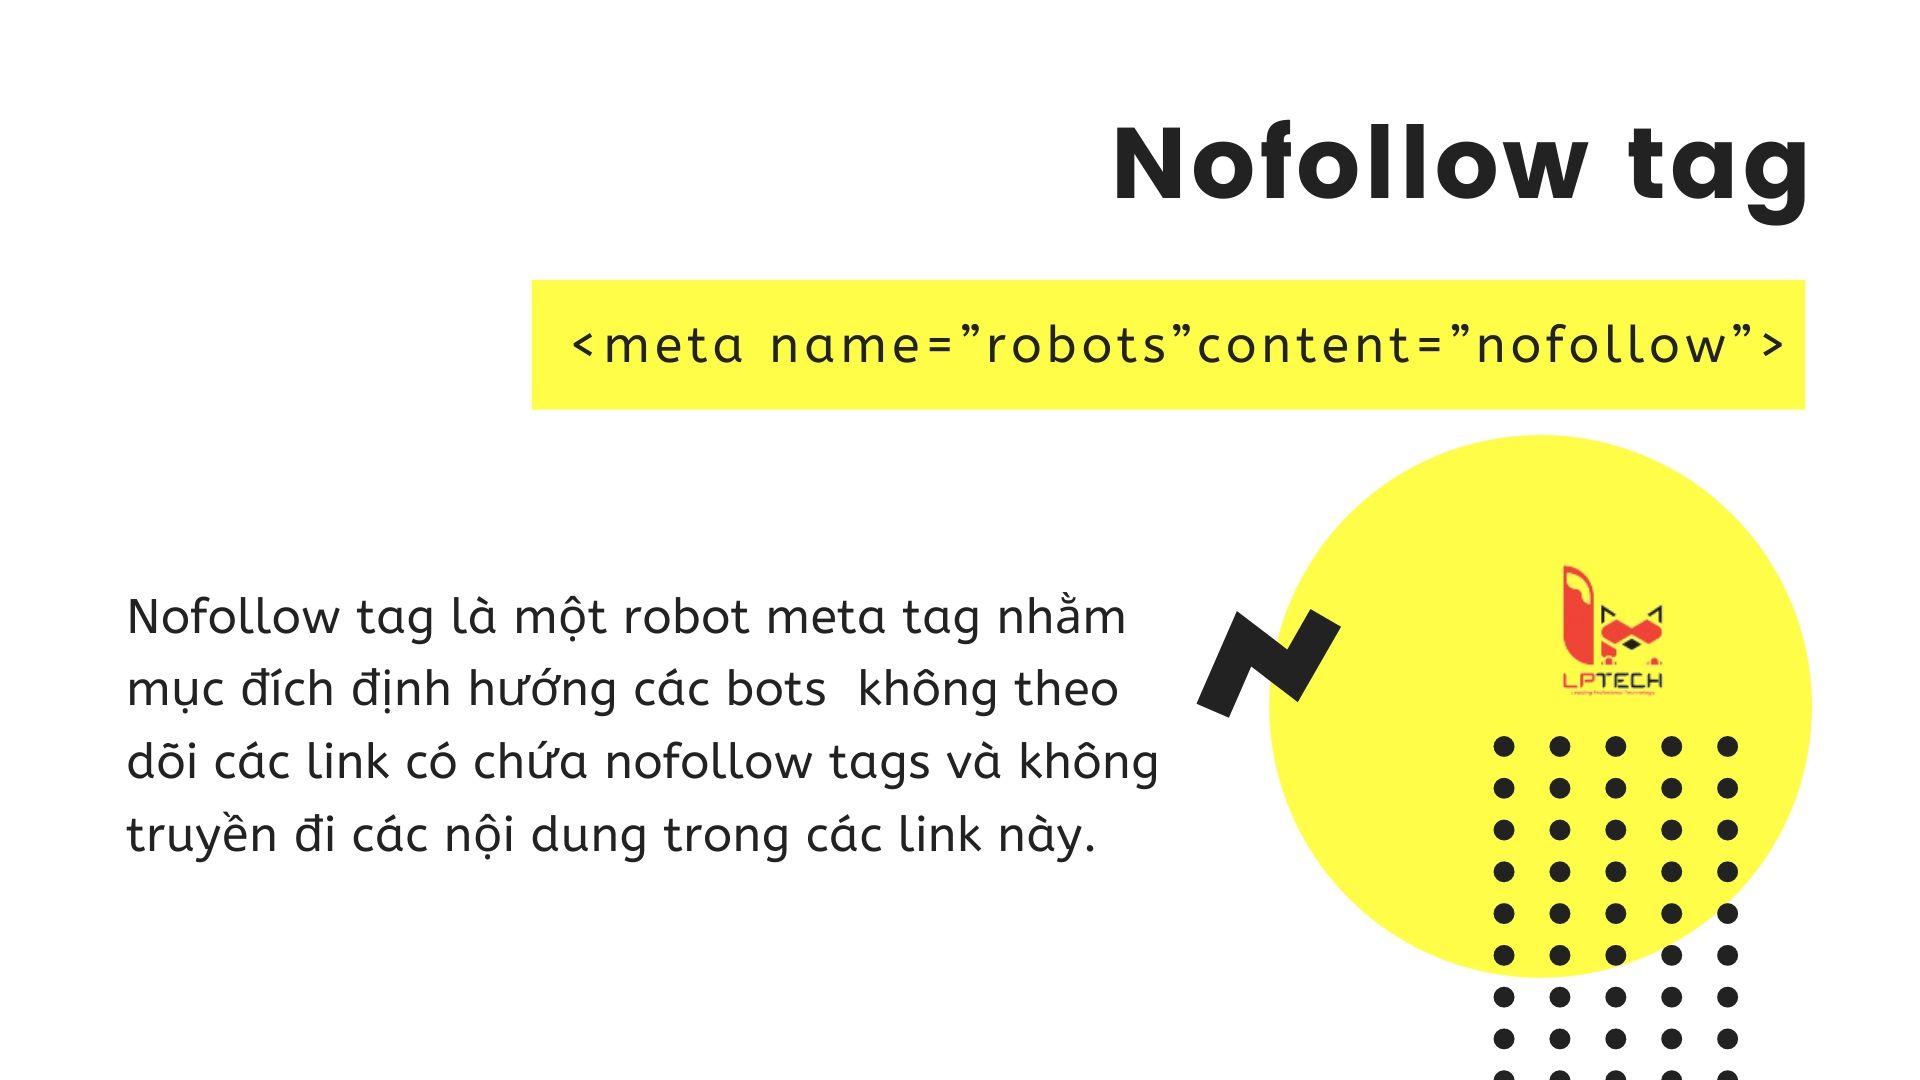 Cách sử dụng nofollow tag